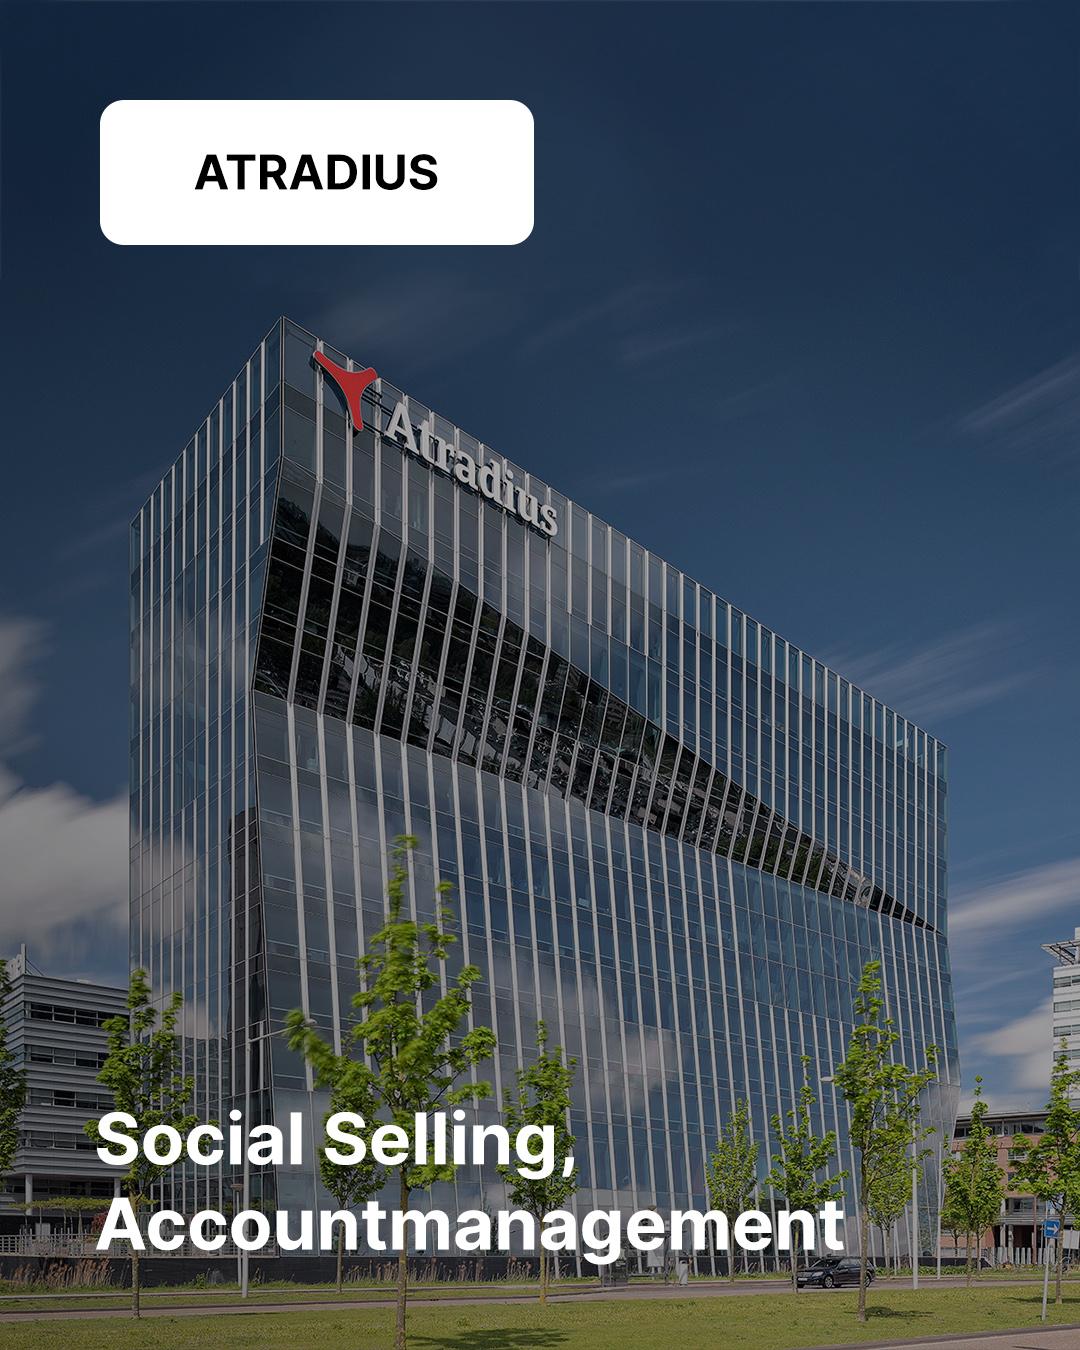 Atradius